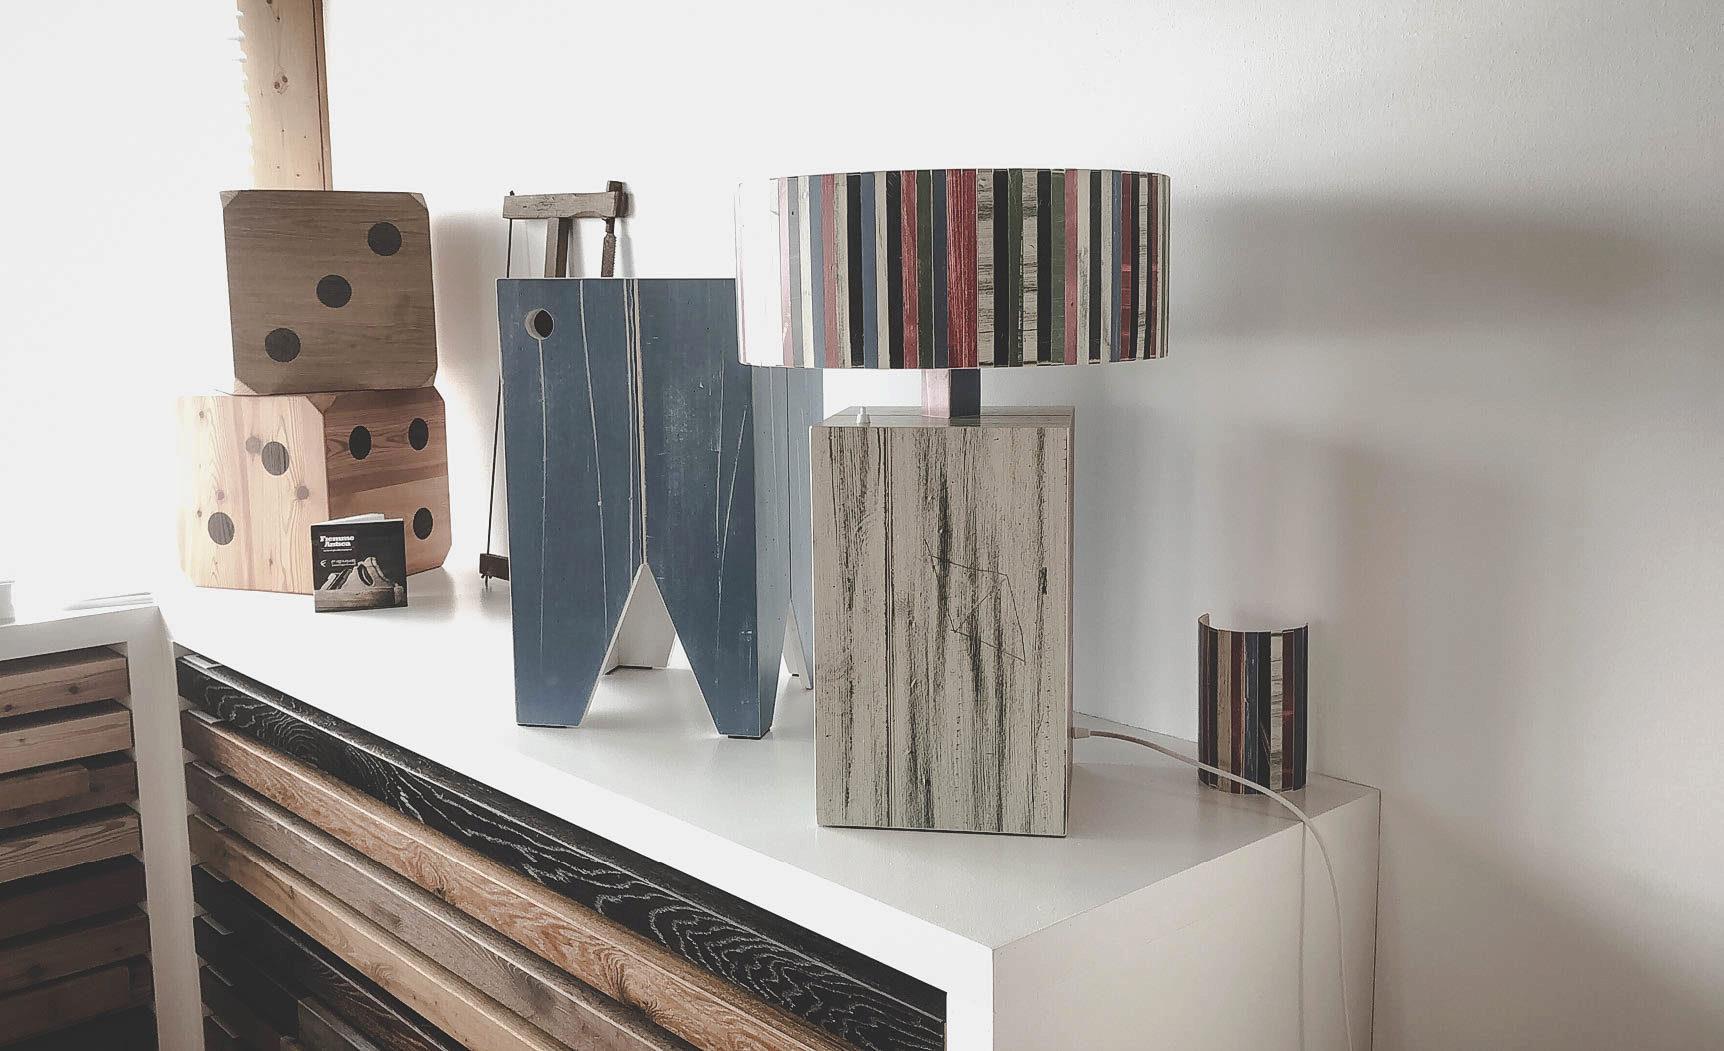 oggetti d'arredo legno parquet